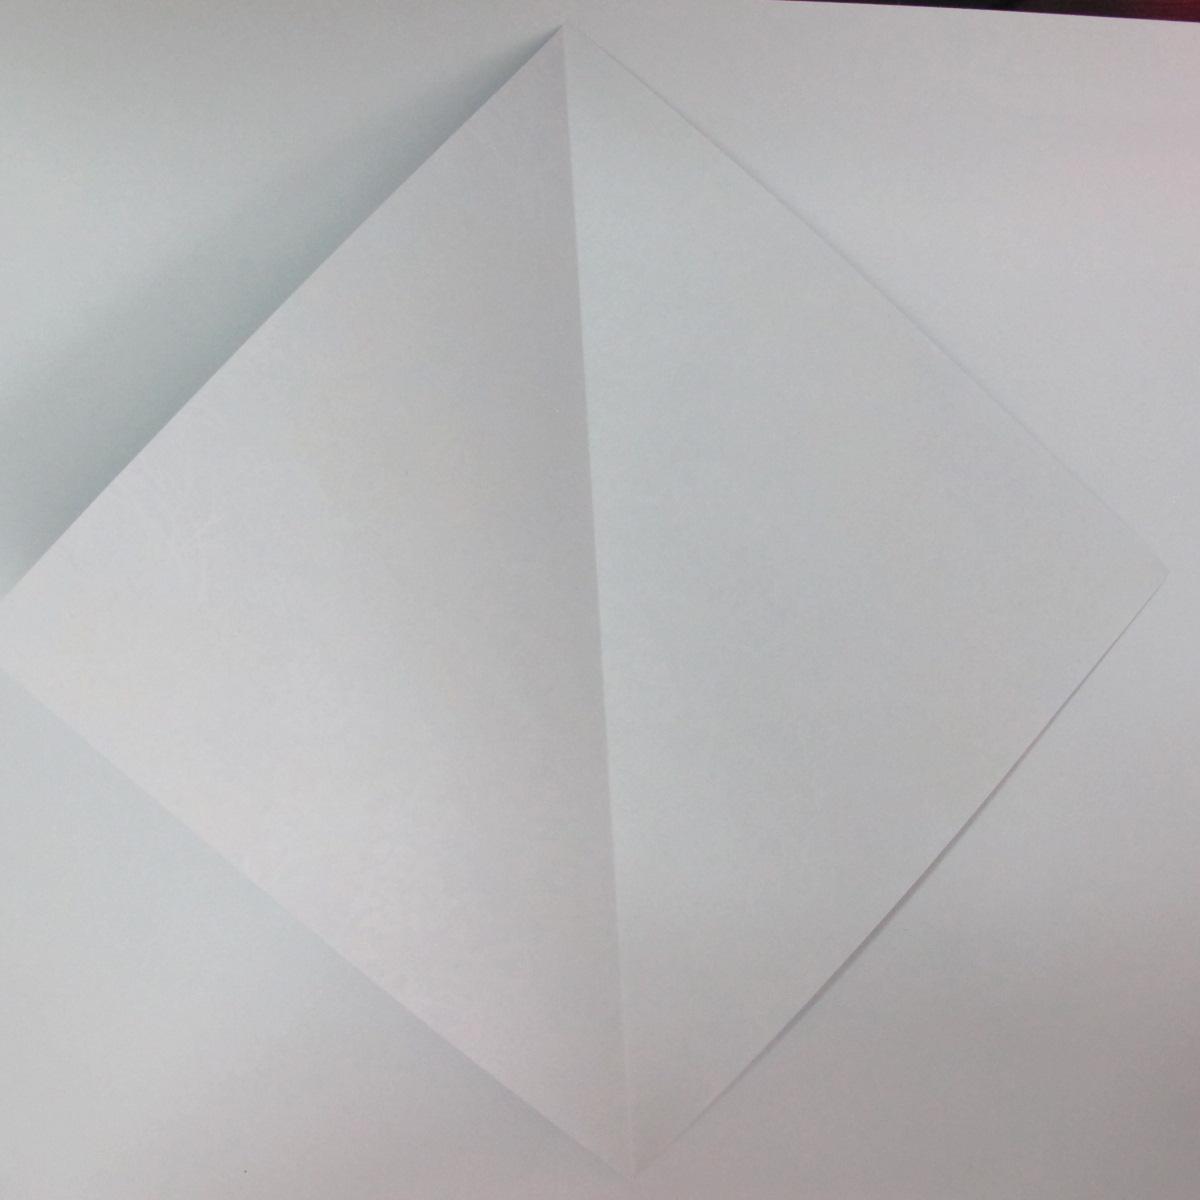 วิธีการพับกระดาษเป็นรูปม้า (Origami Horse) 002